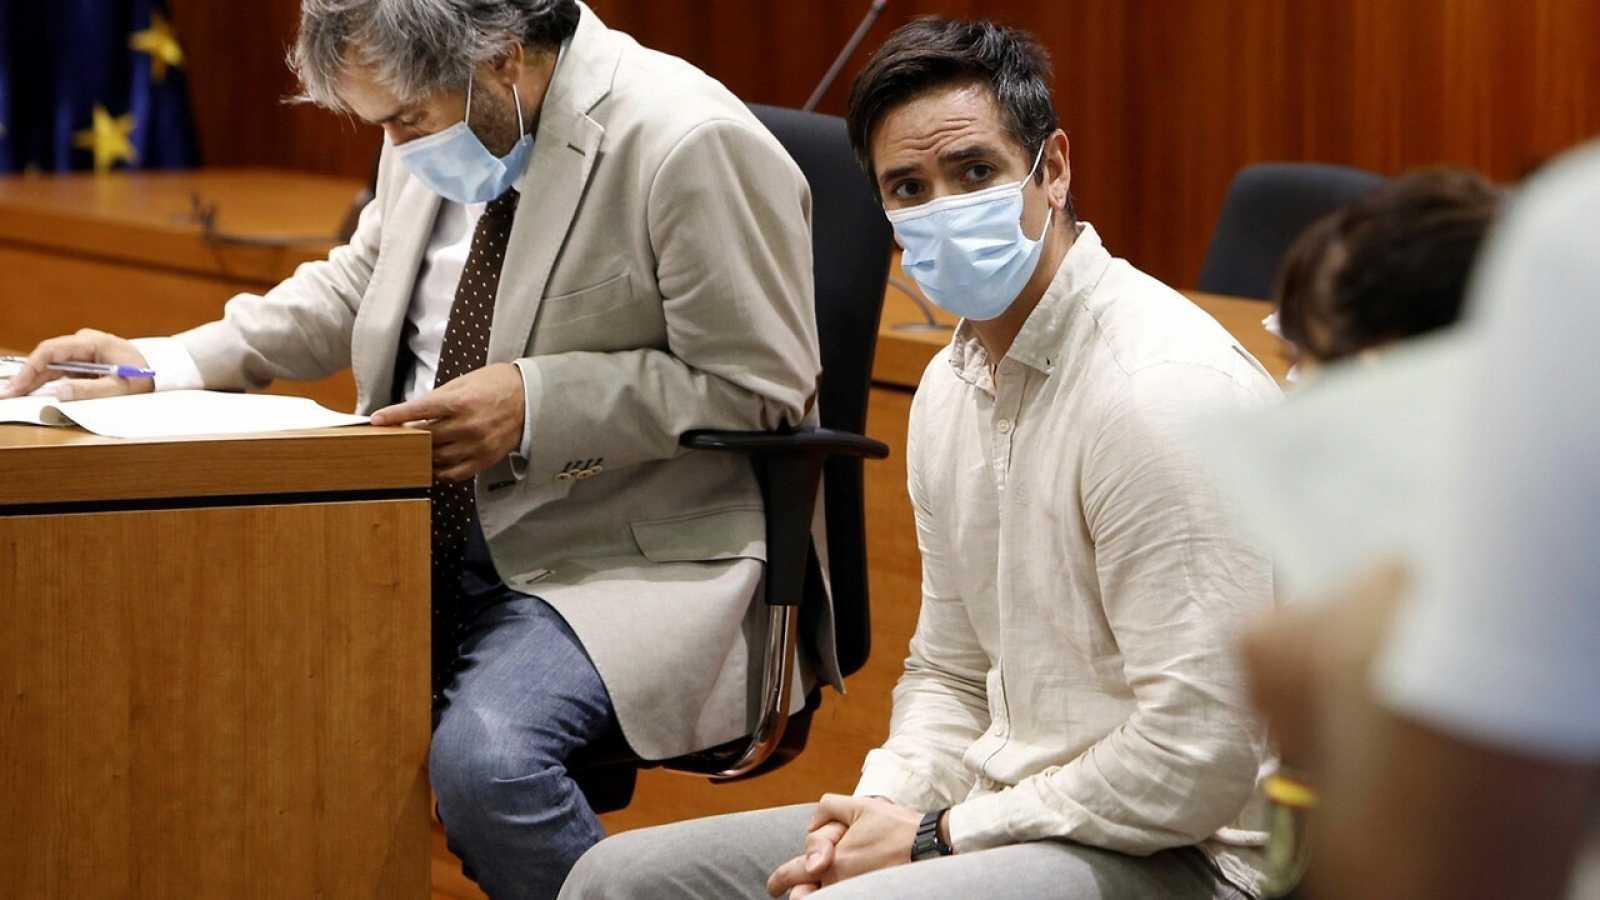 El acusado Rodrigo Lanza (c) y su abogado, Endika Zulueta, escuchan el veredicto del jurado